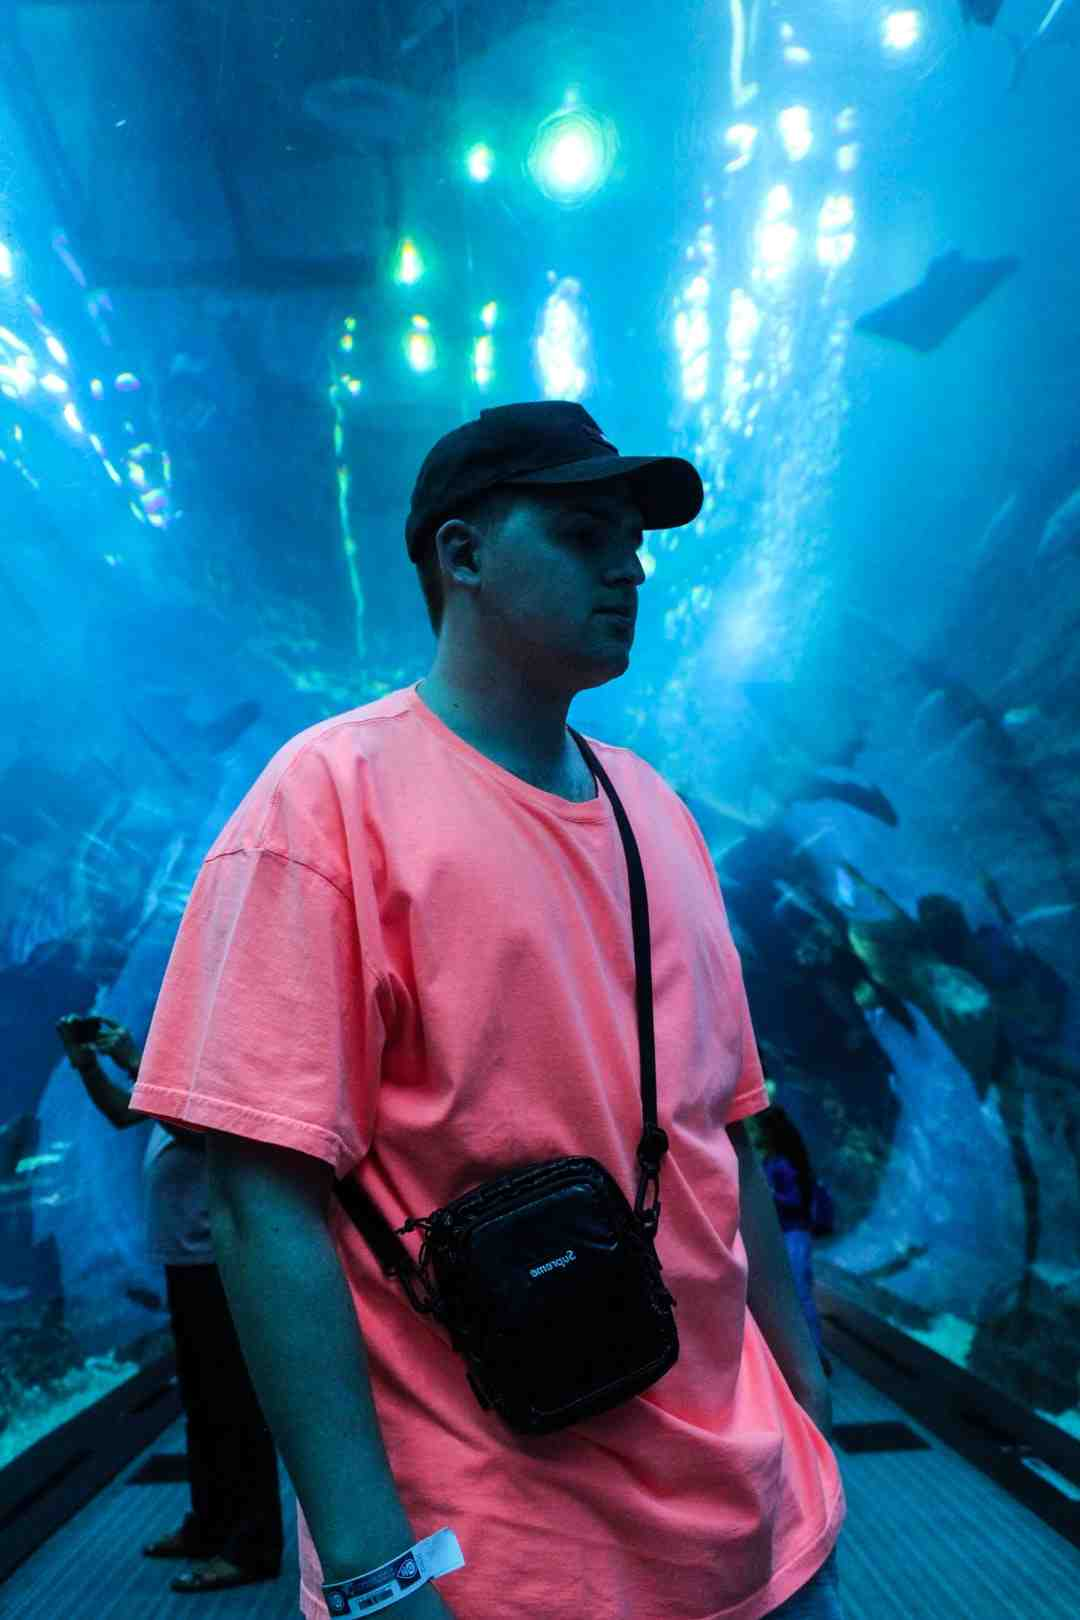 Pourquoi mettre de la lumière dans l'aquarium?